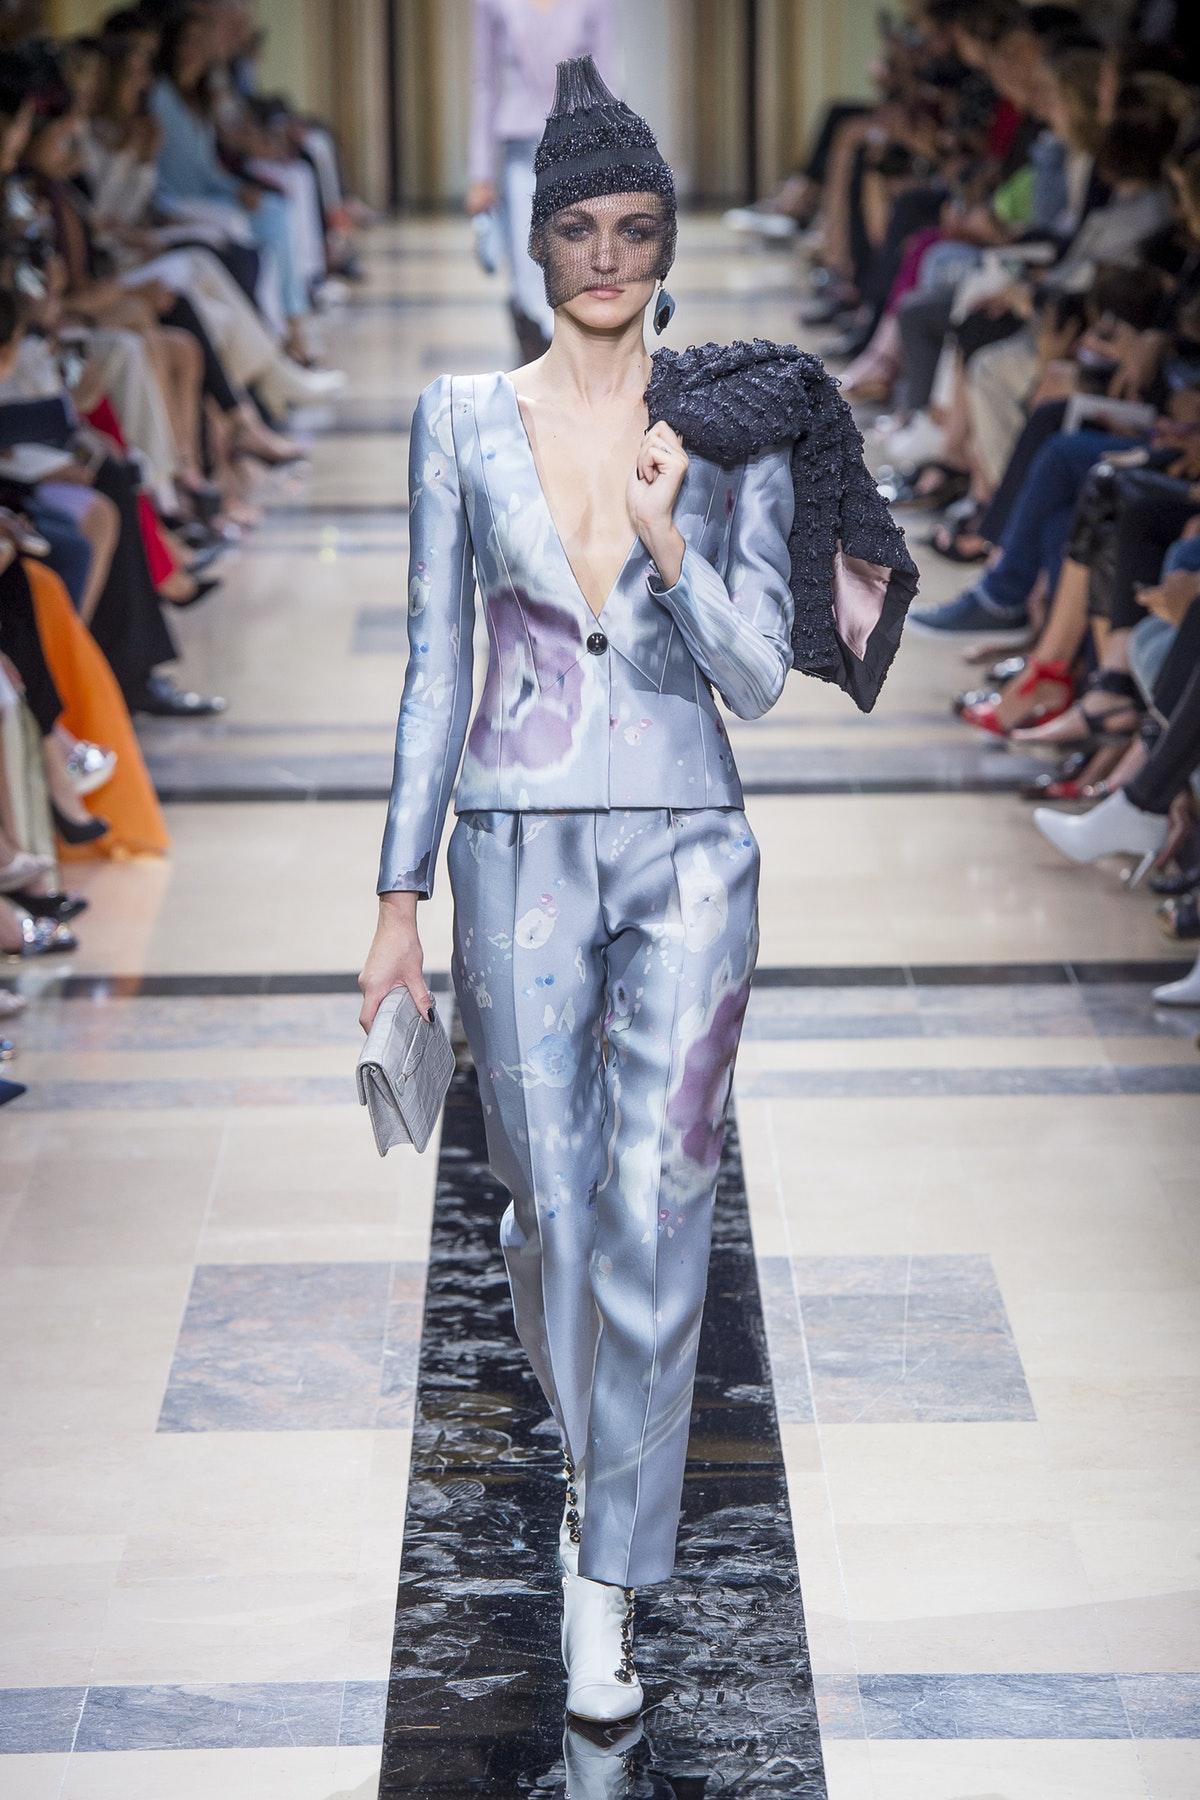 Giorgio Armani Autumn 2017 Haute Couture, image via The Business Of Fashion